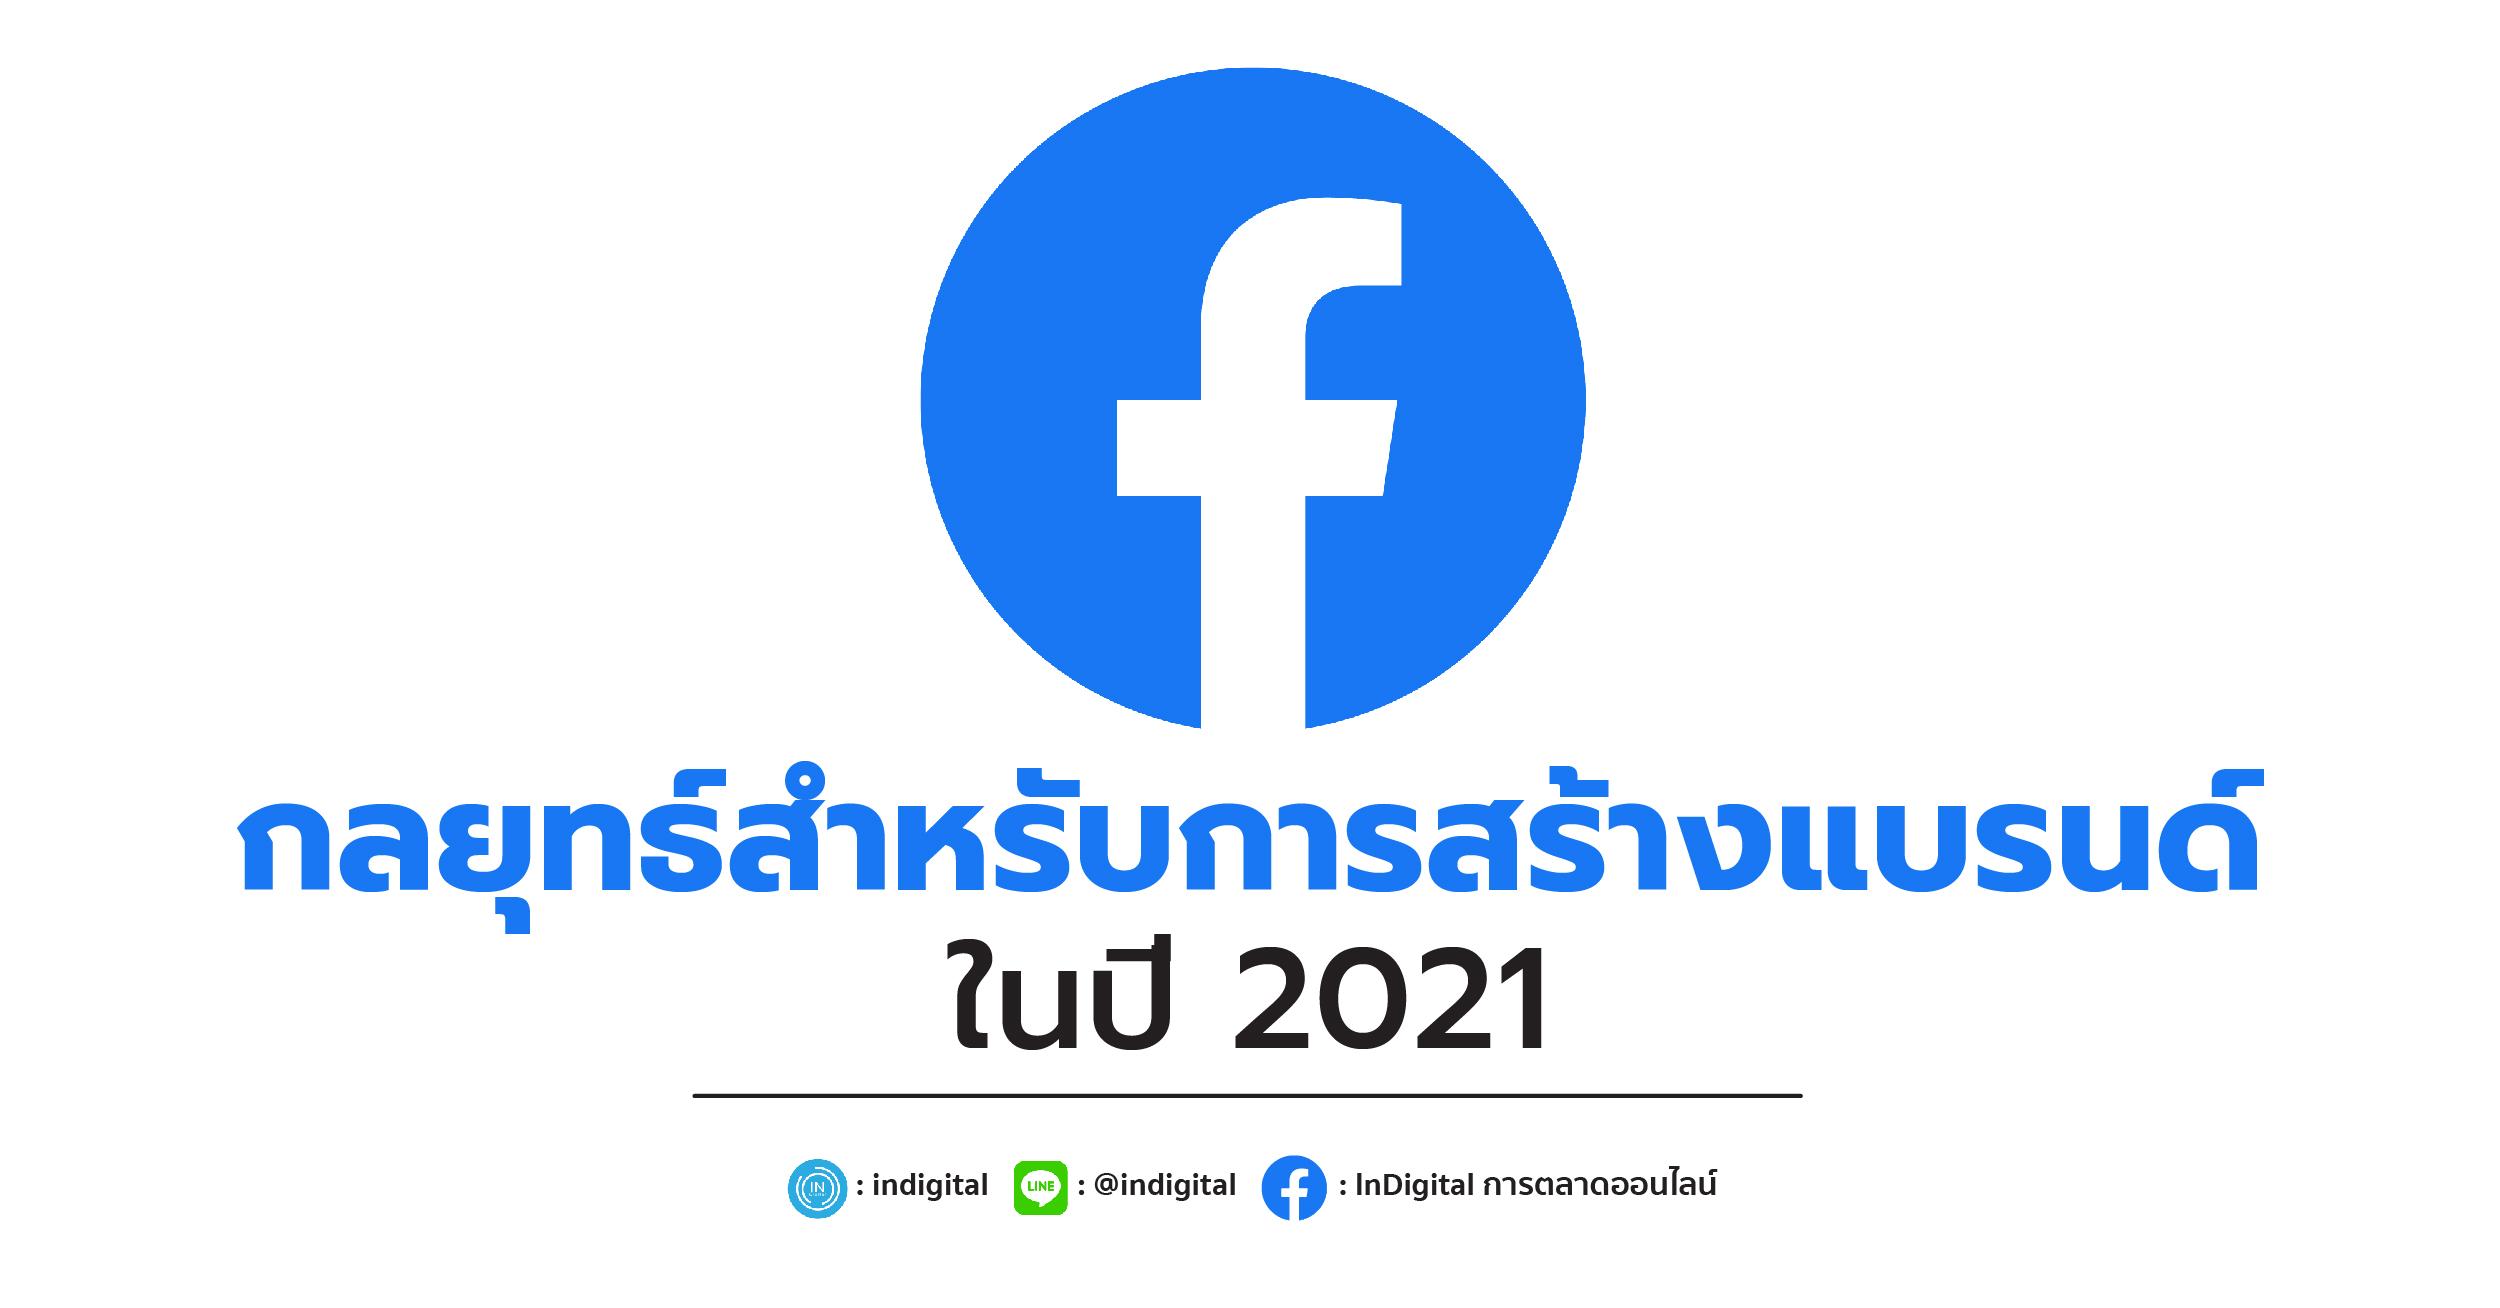 กลยุทธ์สำหรับการสร้างแบรนด์ในปี 2021